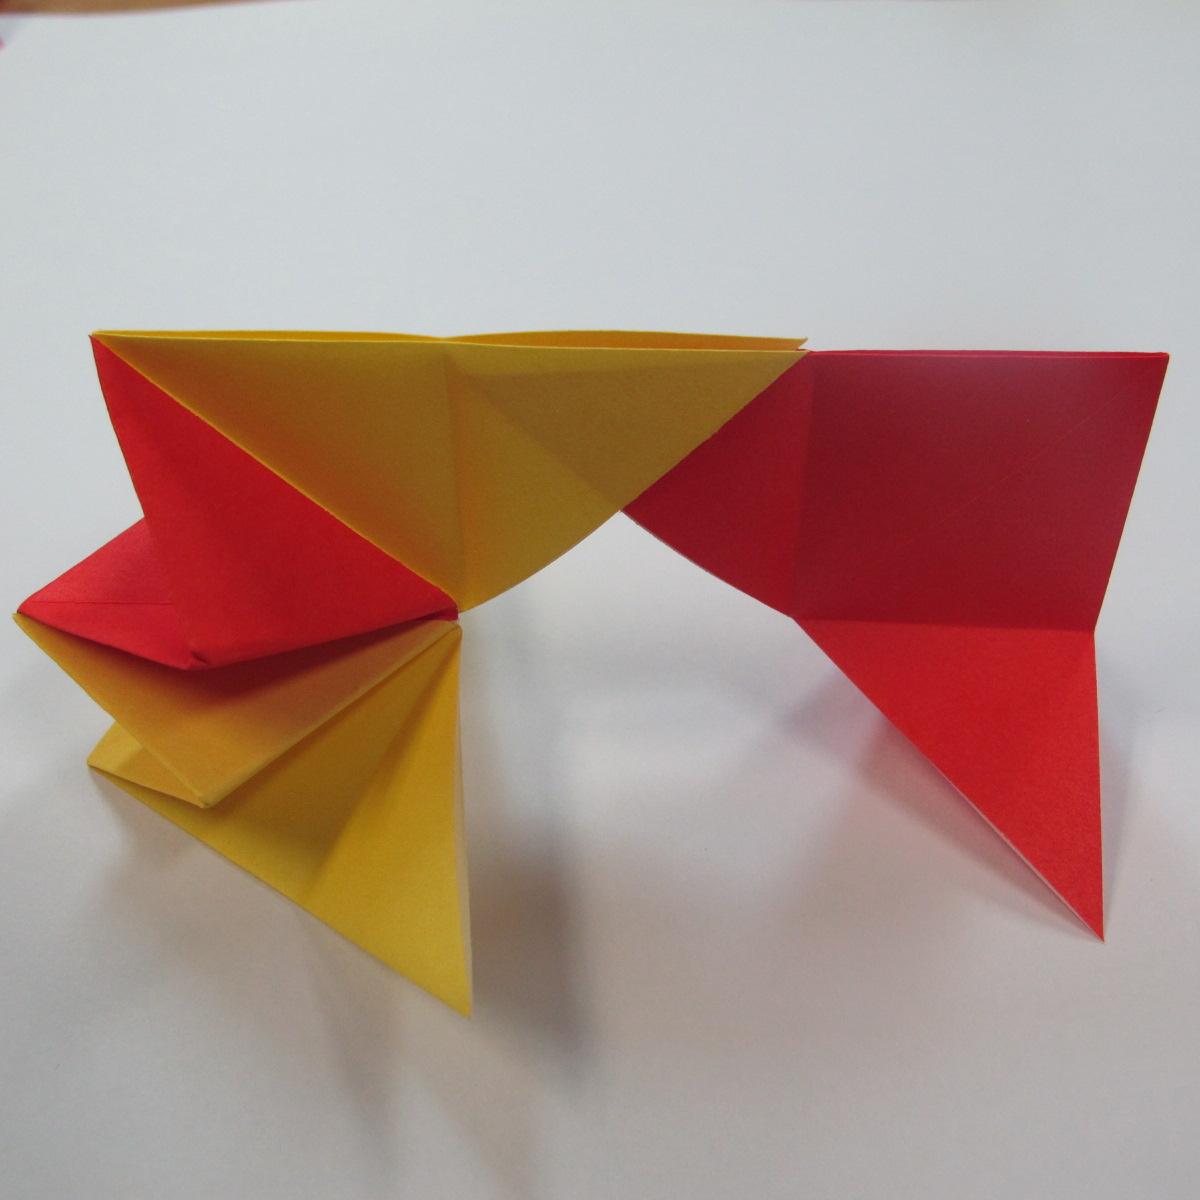 วิธีการพับกระดาษเป็นดาวหกแฉกแบบโมดูล่า 017